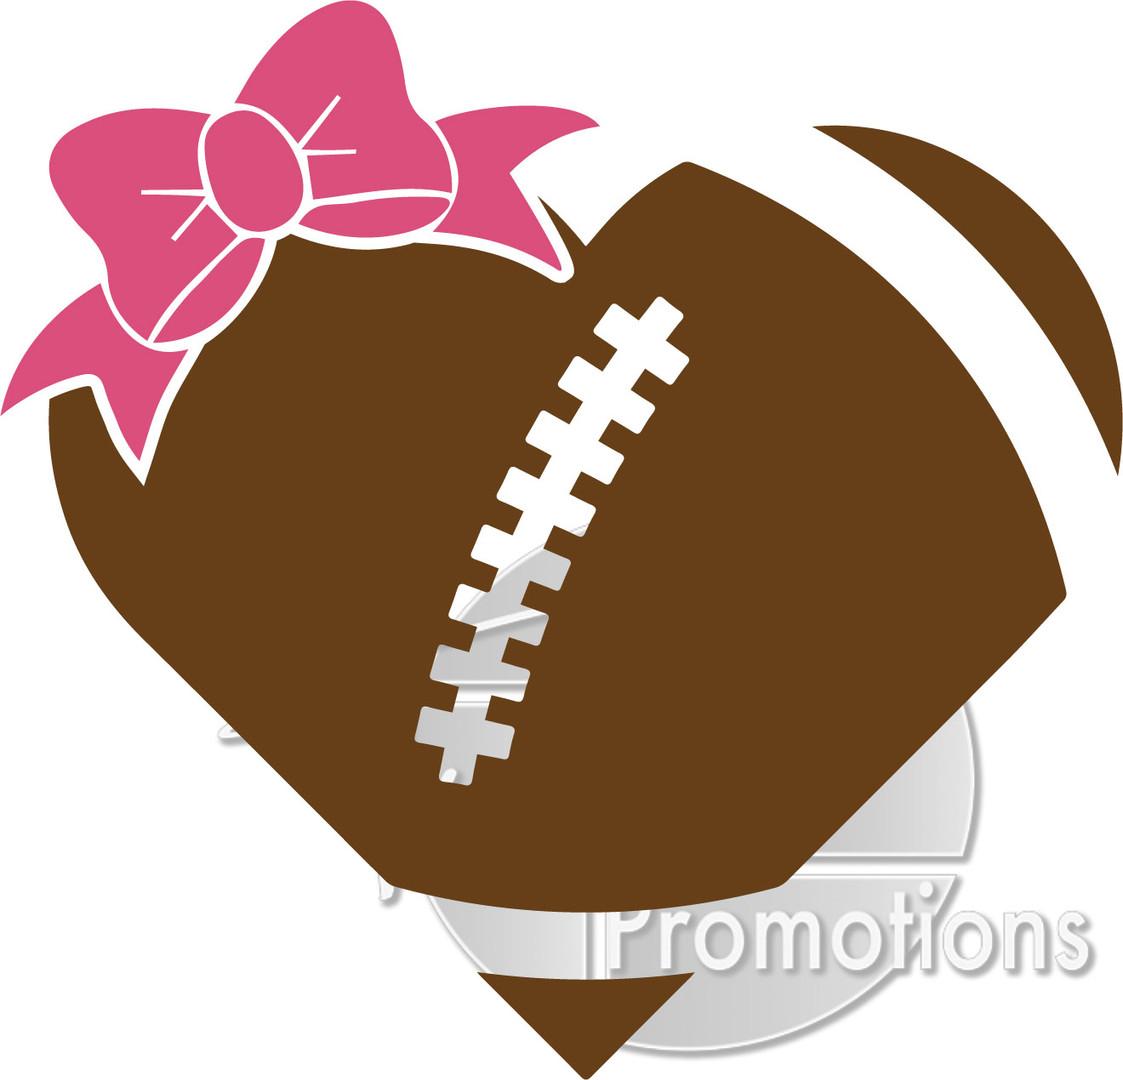 Football heart with bow.jpg